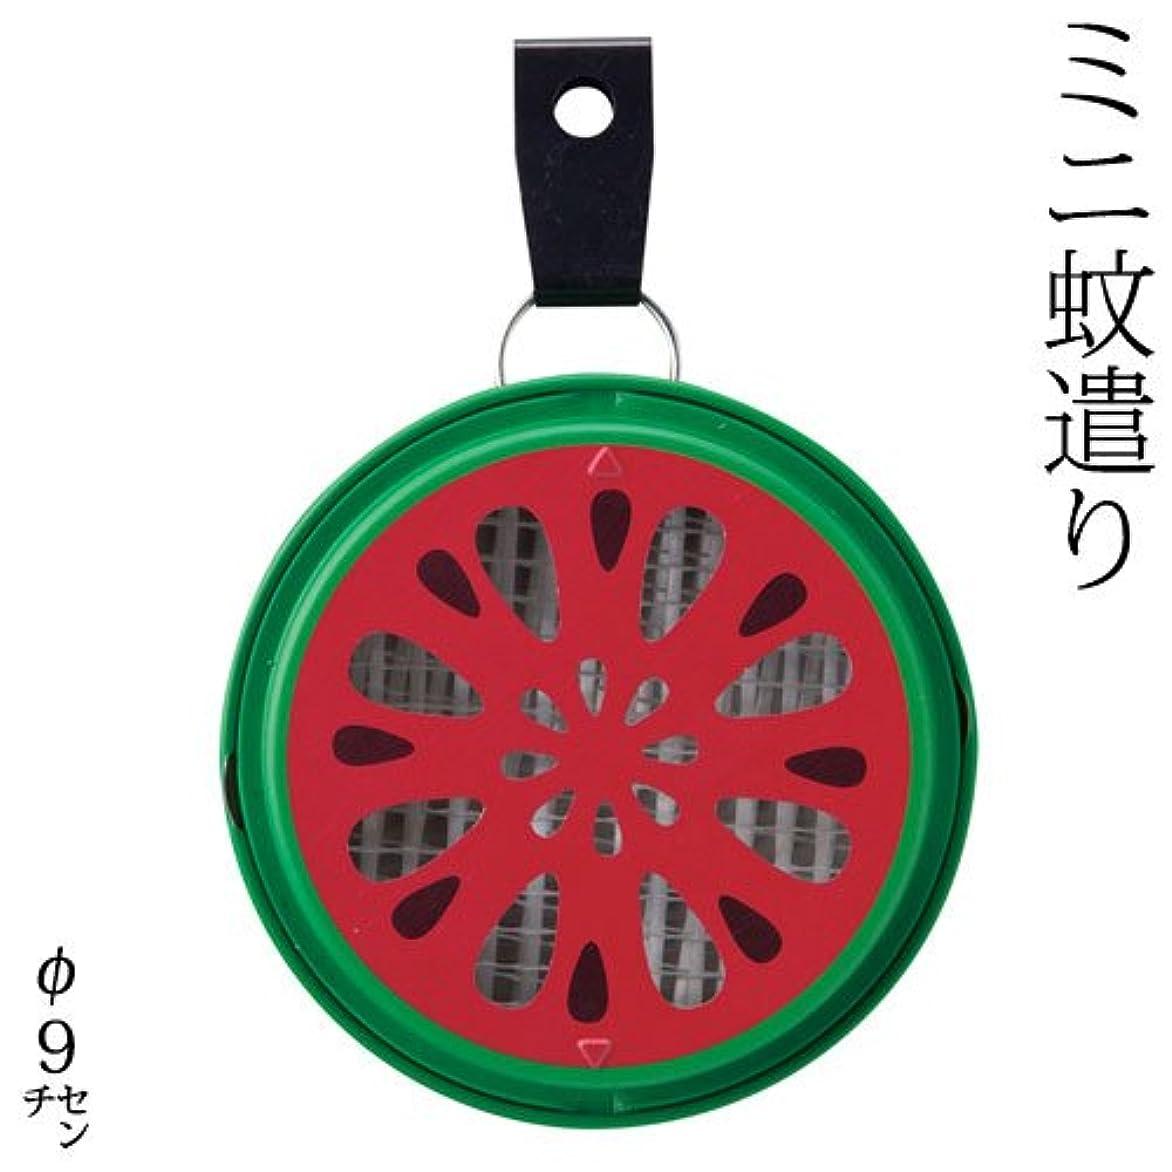 確認するスリッパ一口DECOLEポータブルミニ蚊遣りスイカ (SK-87516)吊り下げ?床置き対応Portable mini Kayari